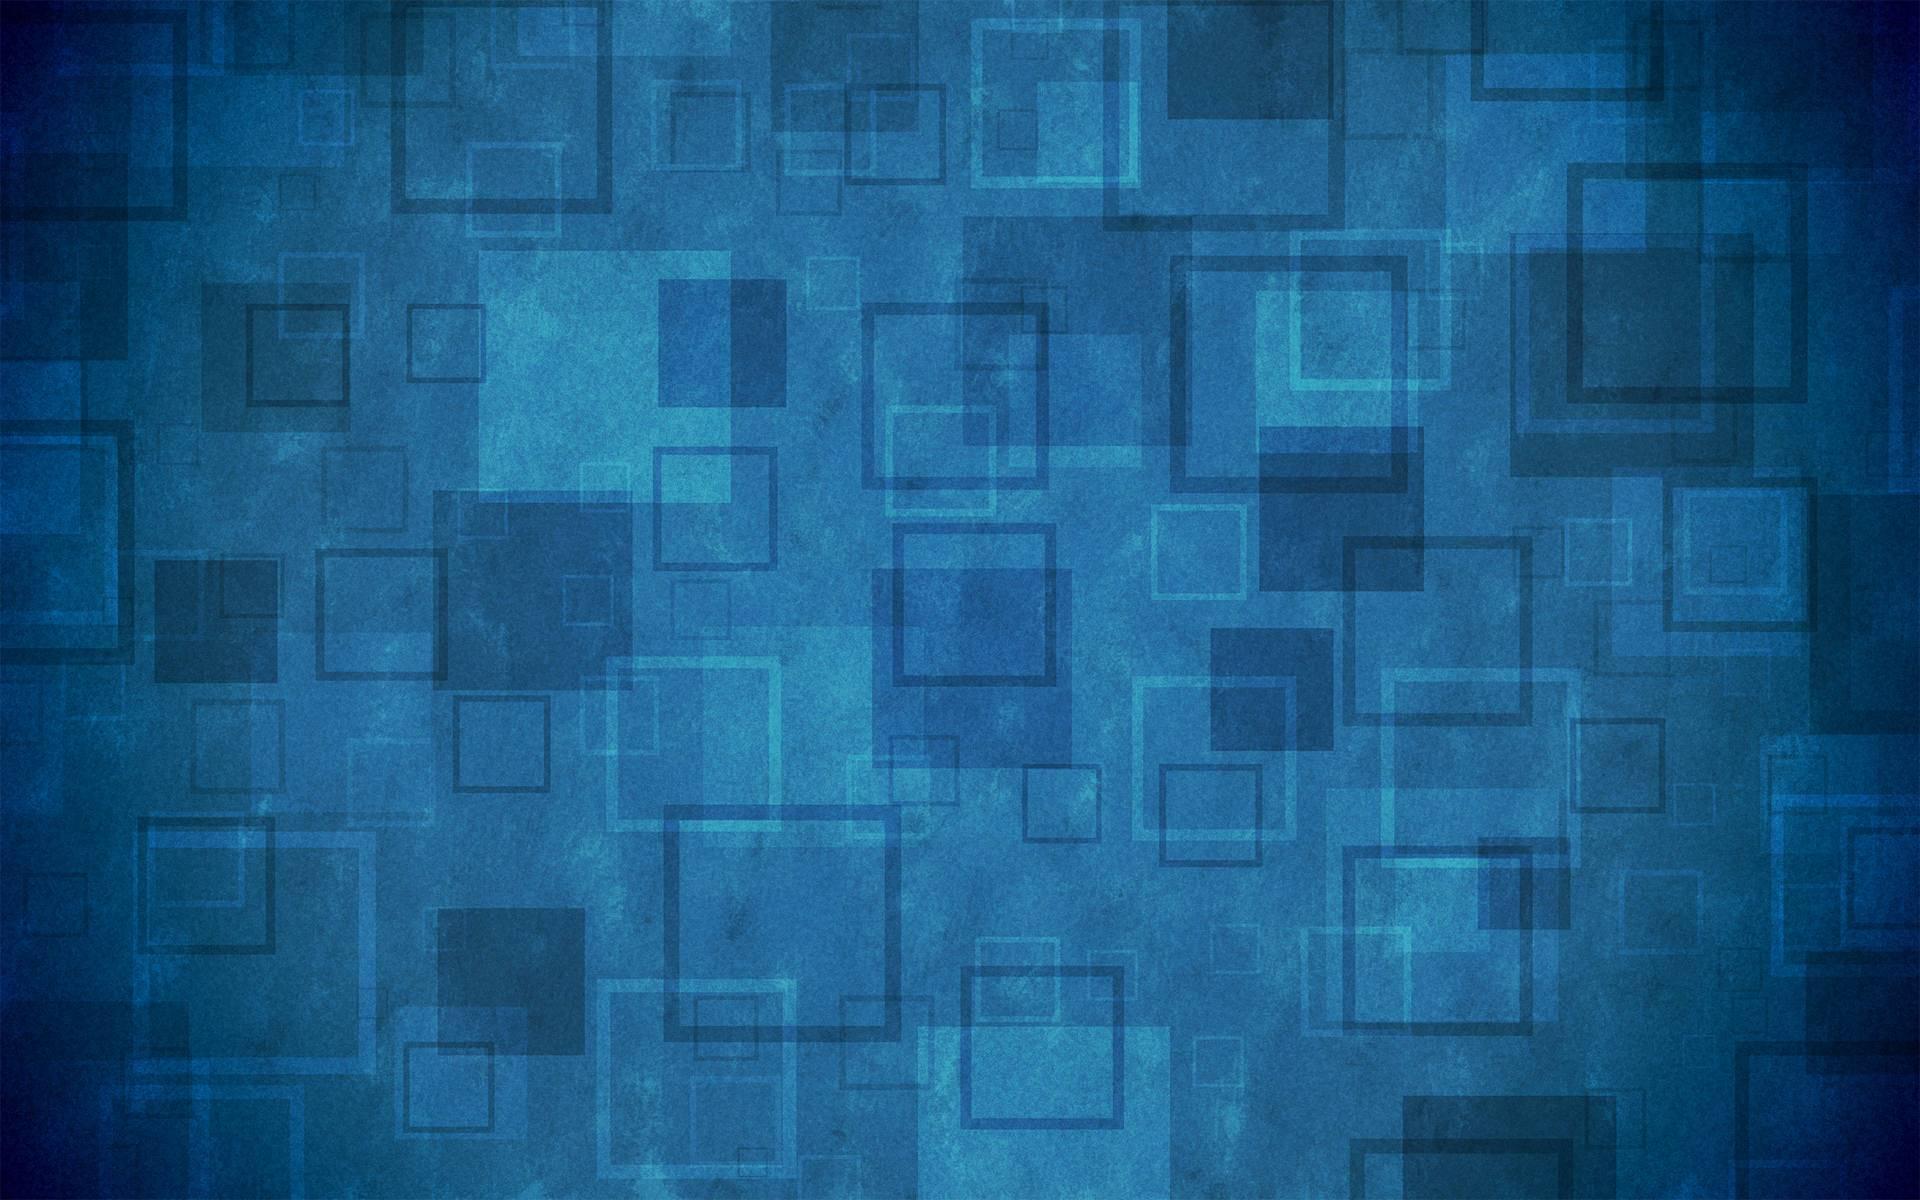 Abstract Widescreen Wallpaper 29 1920x1200